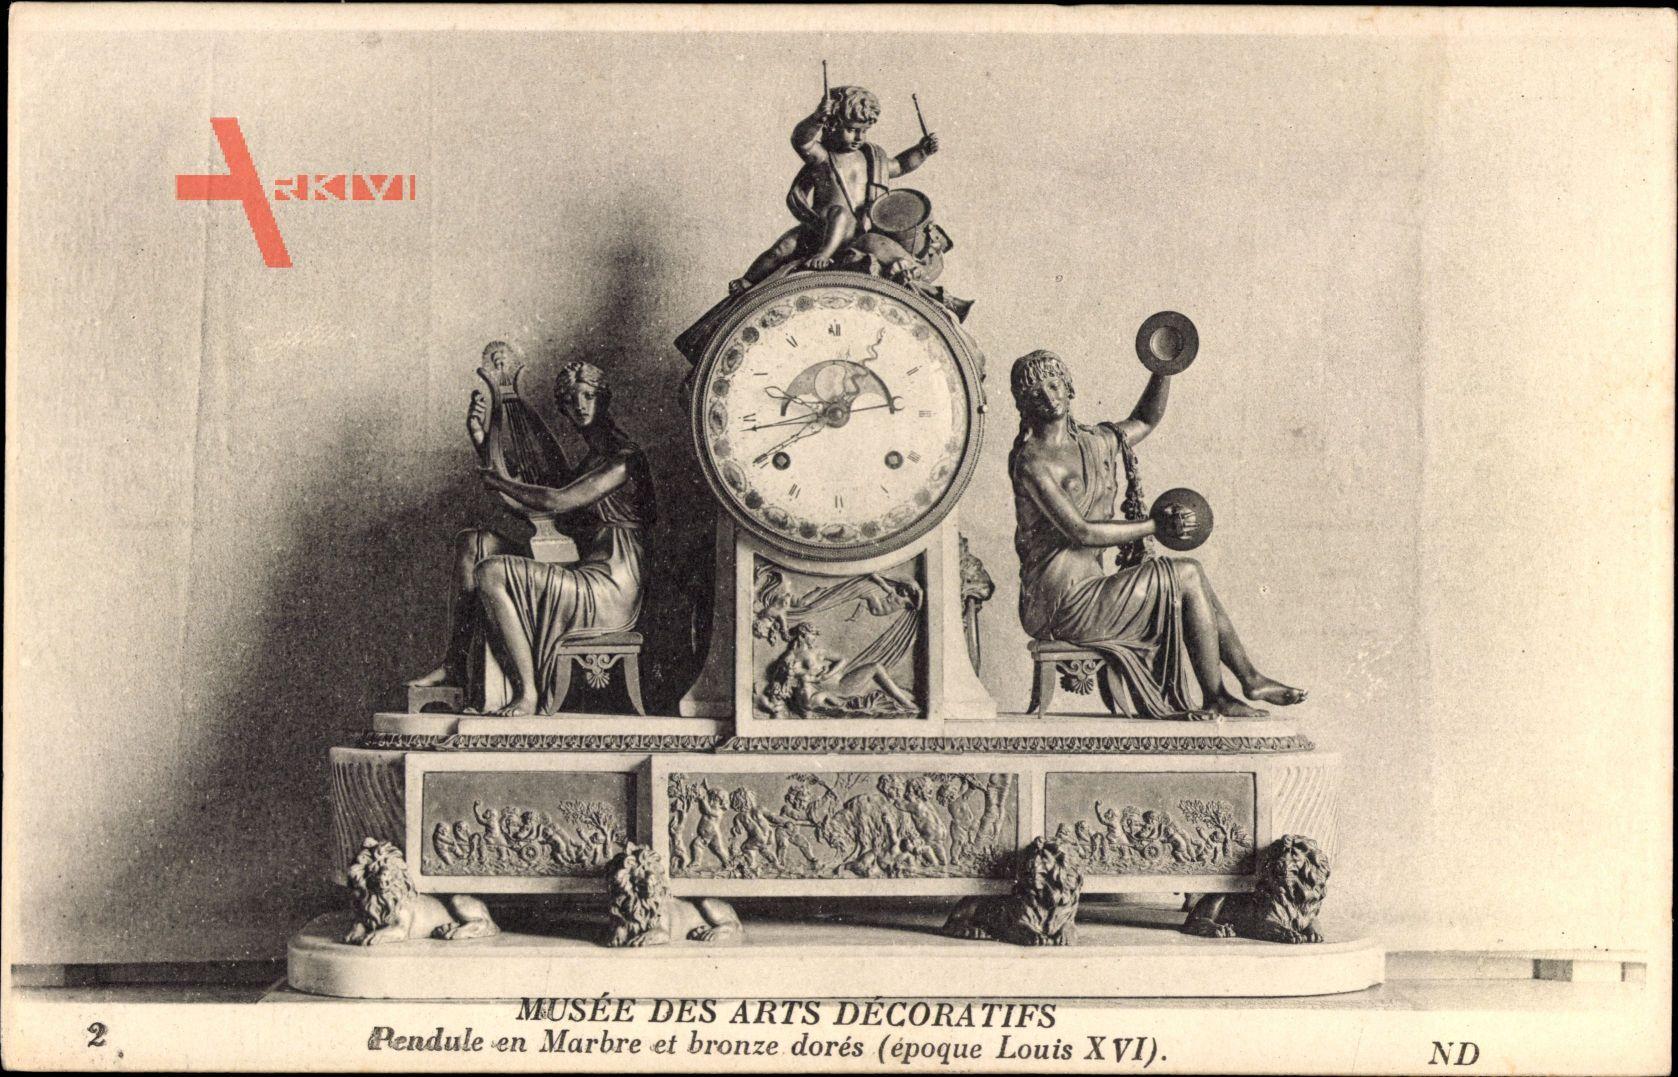 Musée des Arts Décoratifs, Pendule en Marbre et Bronze dorés, Louis XVI.